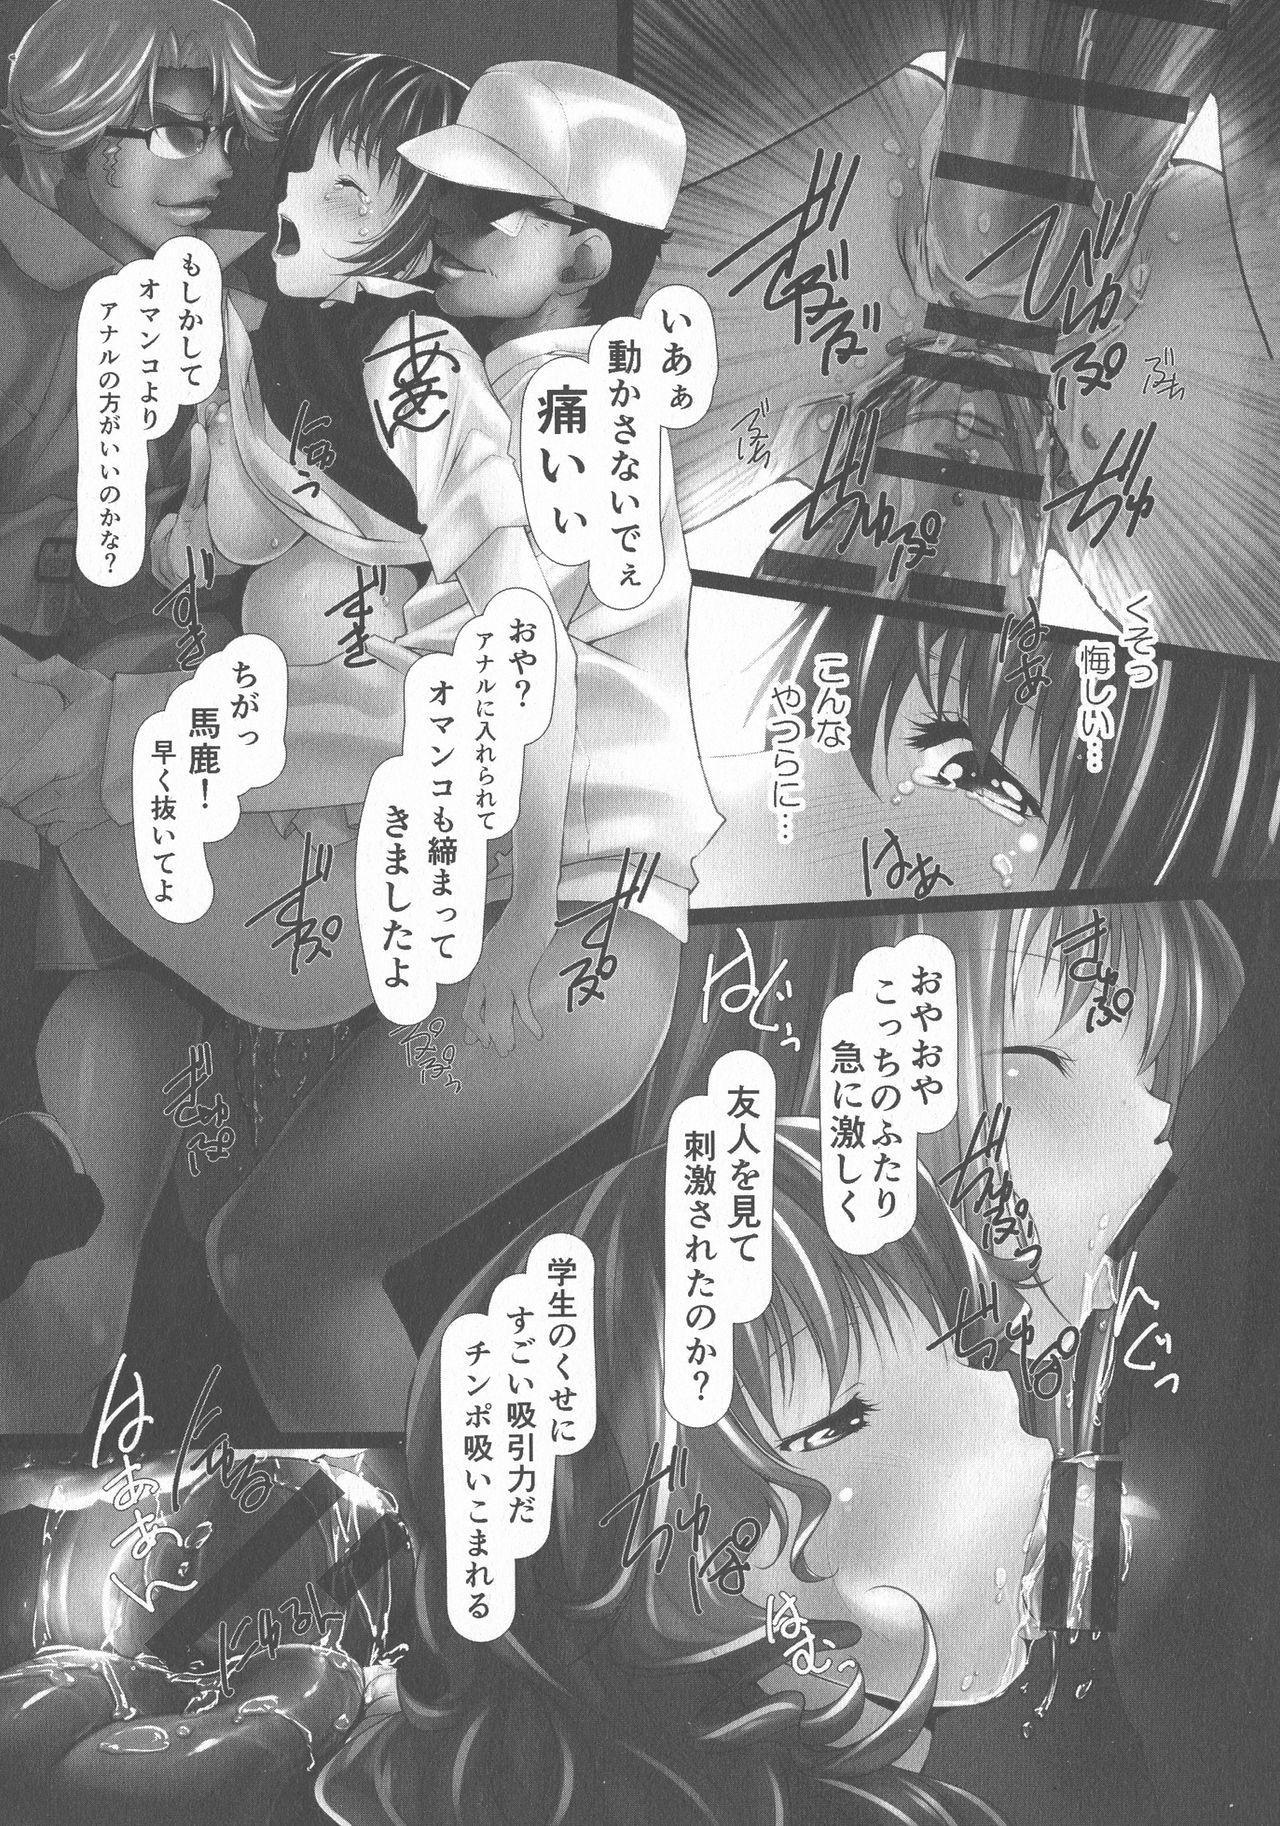 Jochiku no Utage 14